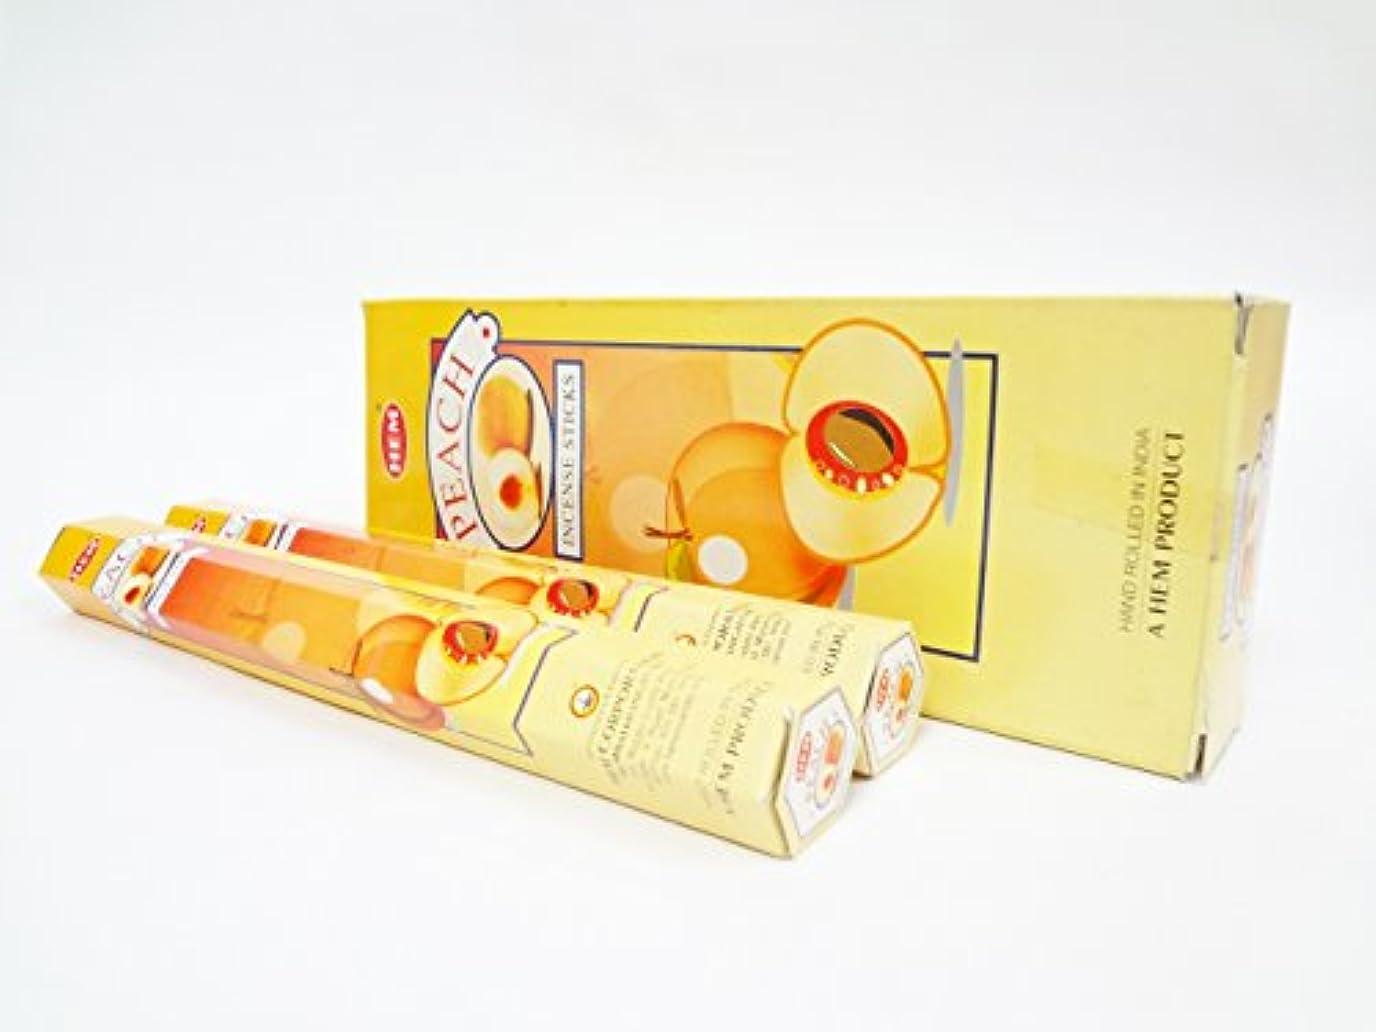 ばかげている綺麗な試す【お香 アロマ】【ピーチ】 スティック香 6セット入り 【HEM 桃のフルーティーな甘い香り】